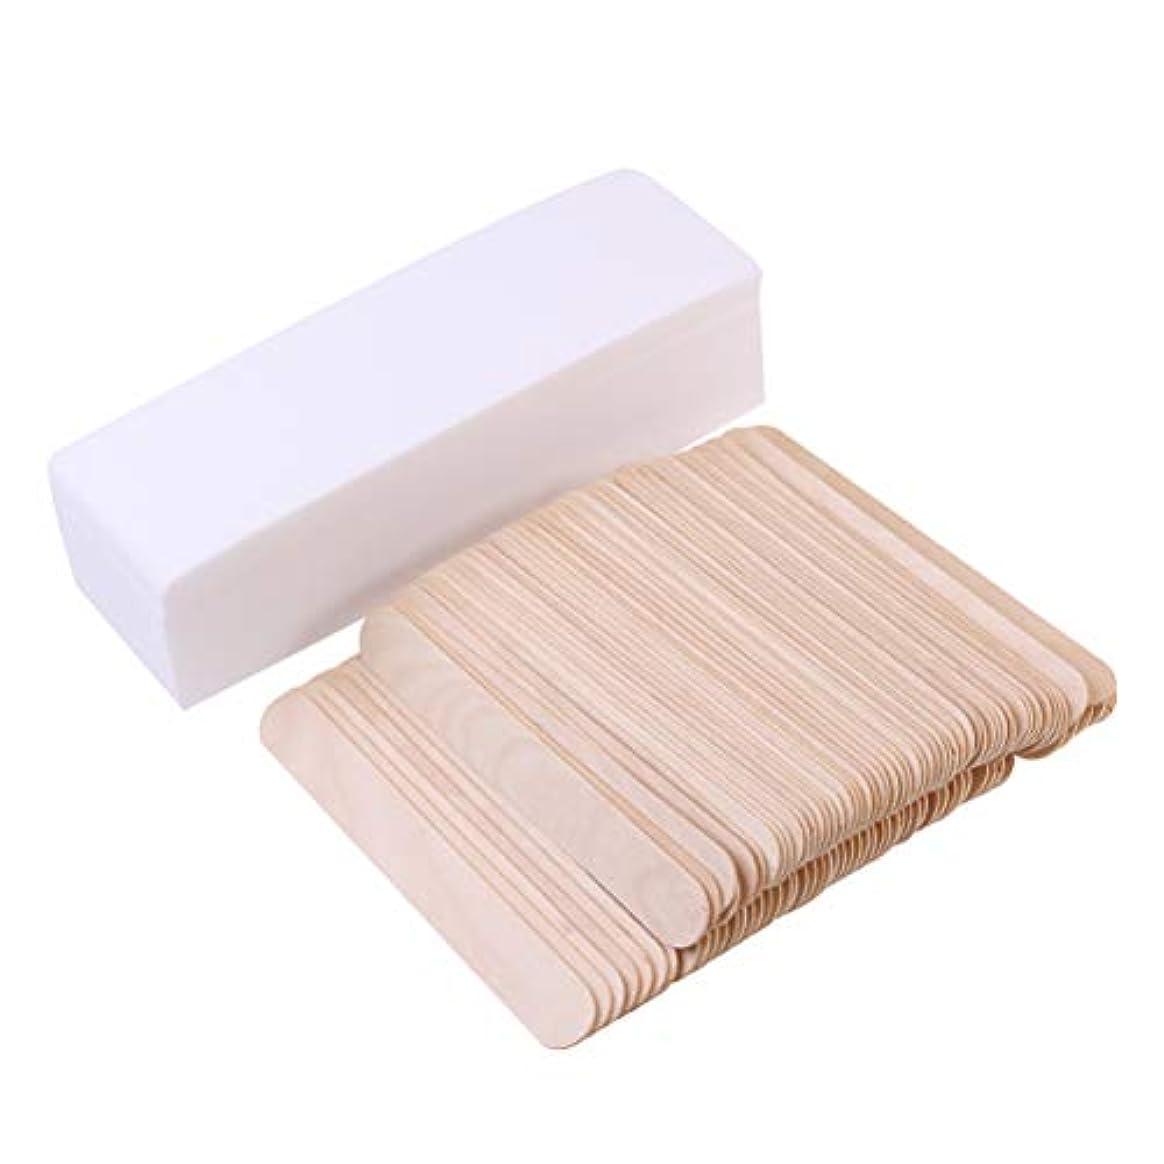 会計士辞任する悪用Healifty 毛の取り外しのペーパー使い捨て可能なボディは100pcsワックスが付いているペーパーを取り除きます